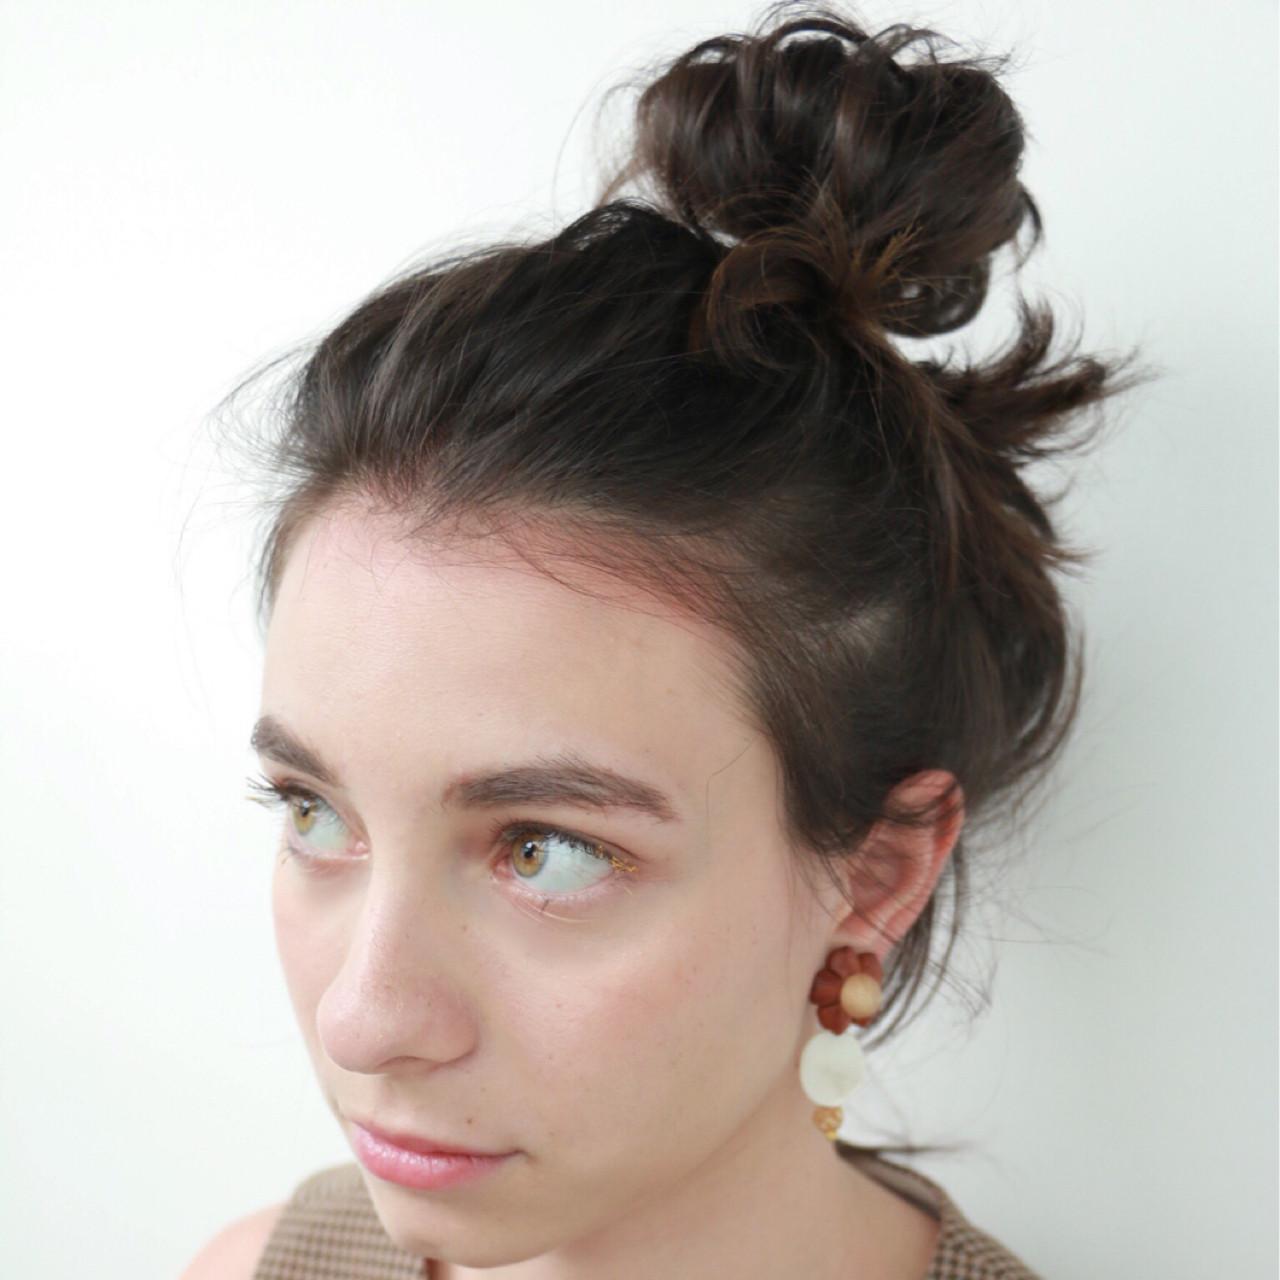 シニヨン ヘアアレンジ お団子 大人かわいい ヘアスタイルや髪型の写真・画像